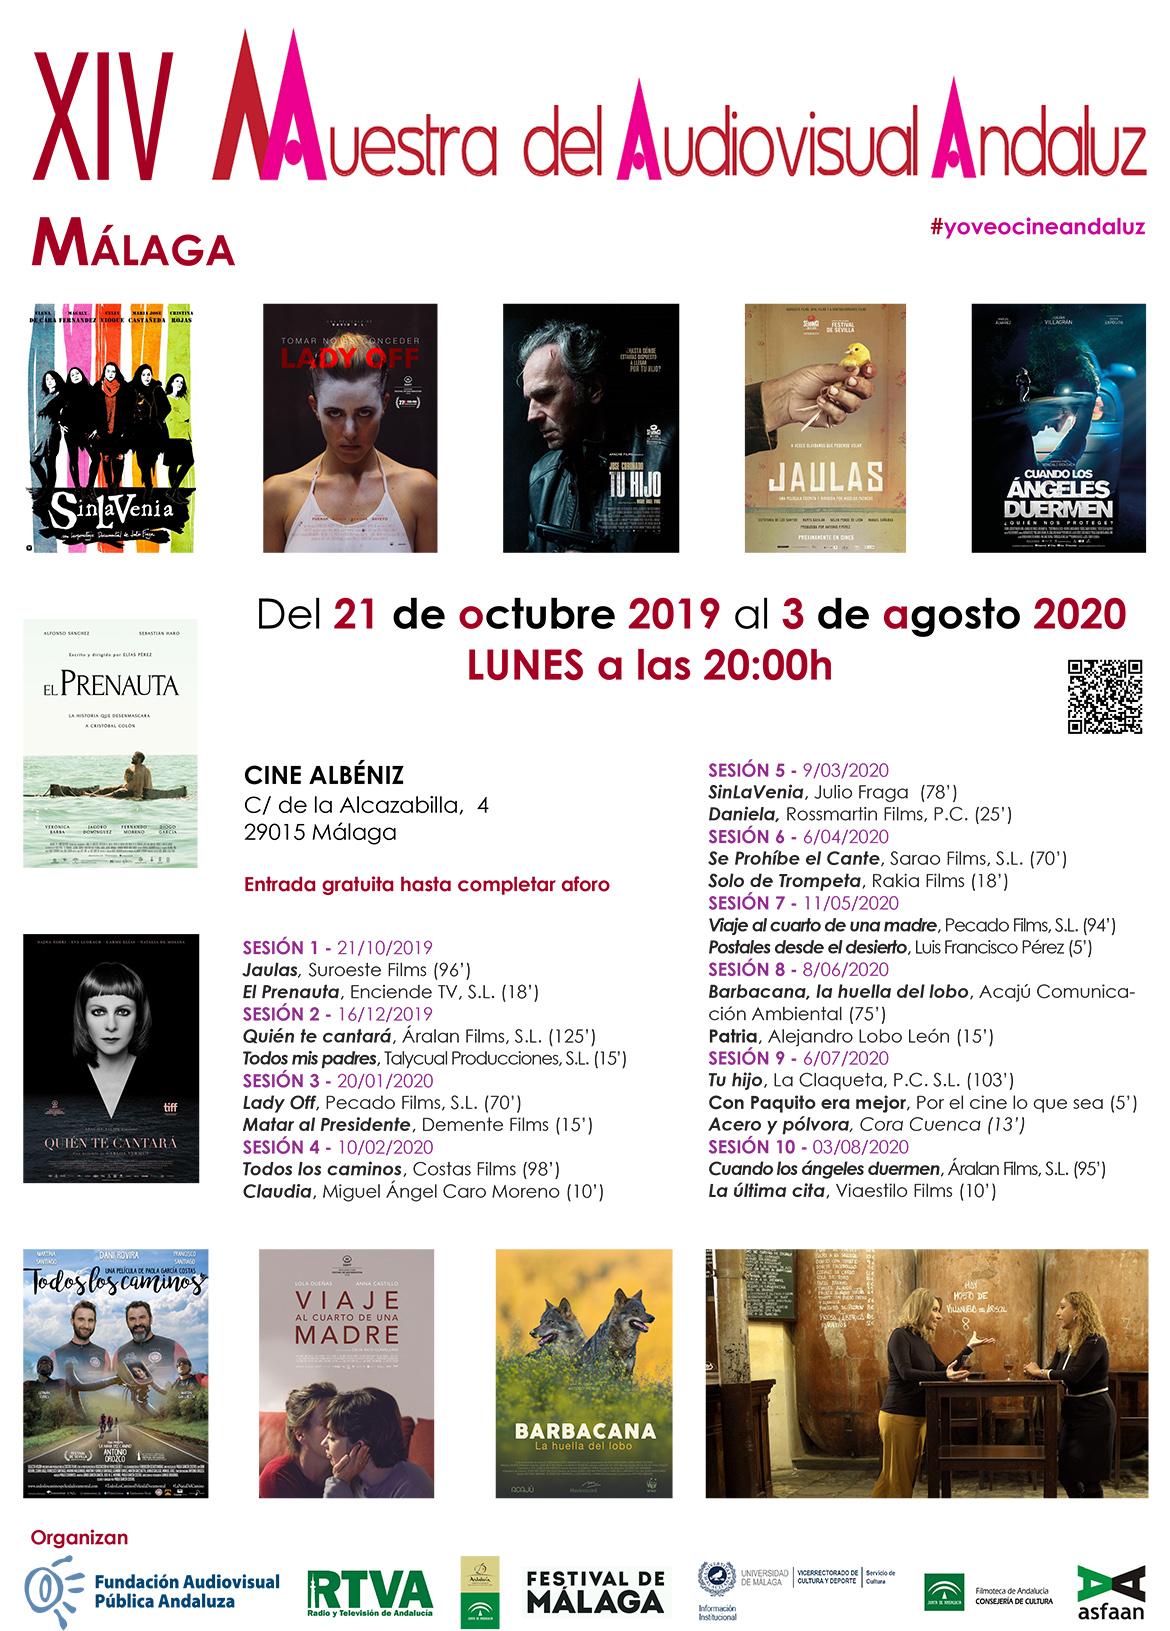 XIV Muestra del Audiovisual Andaluz – Programación completa